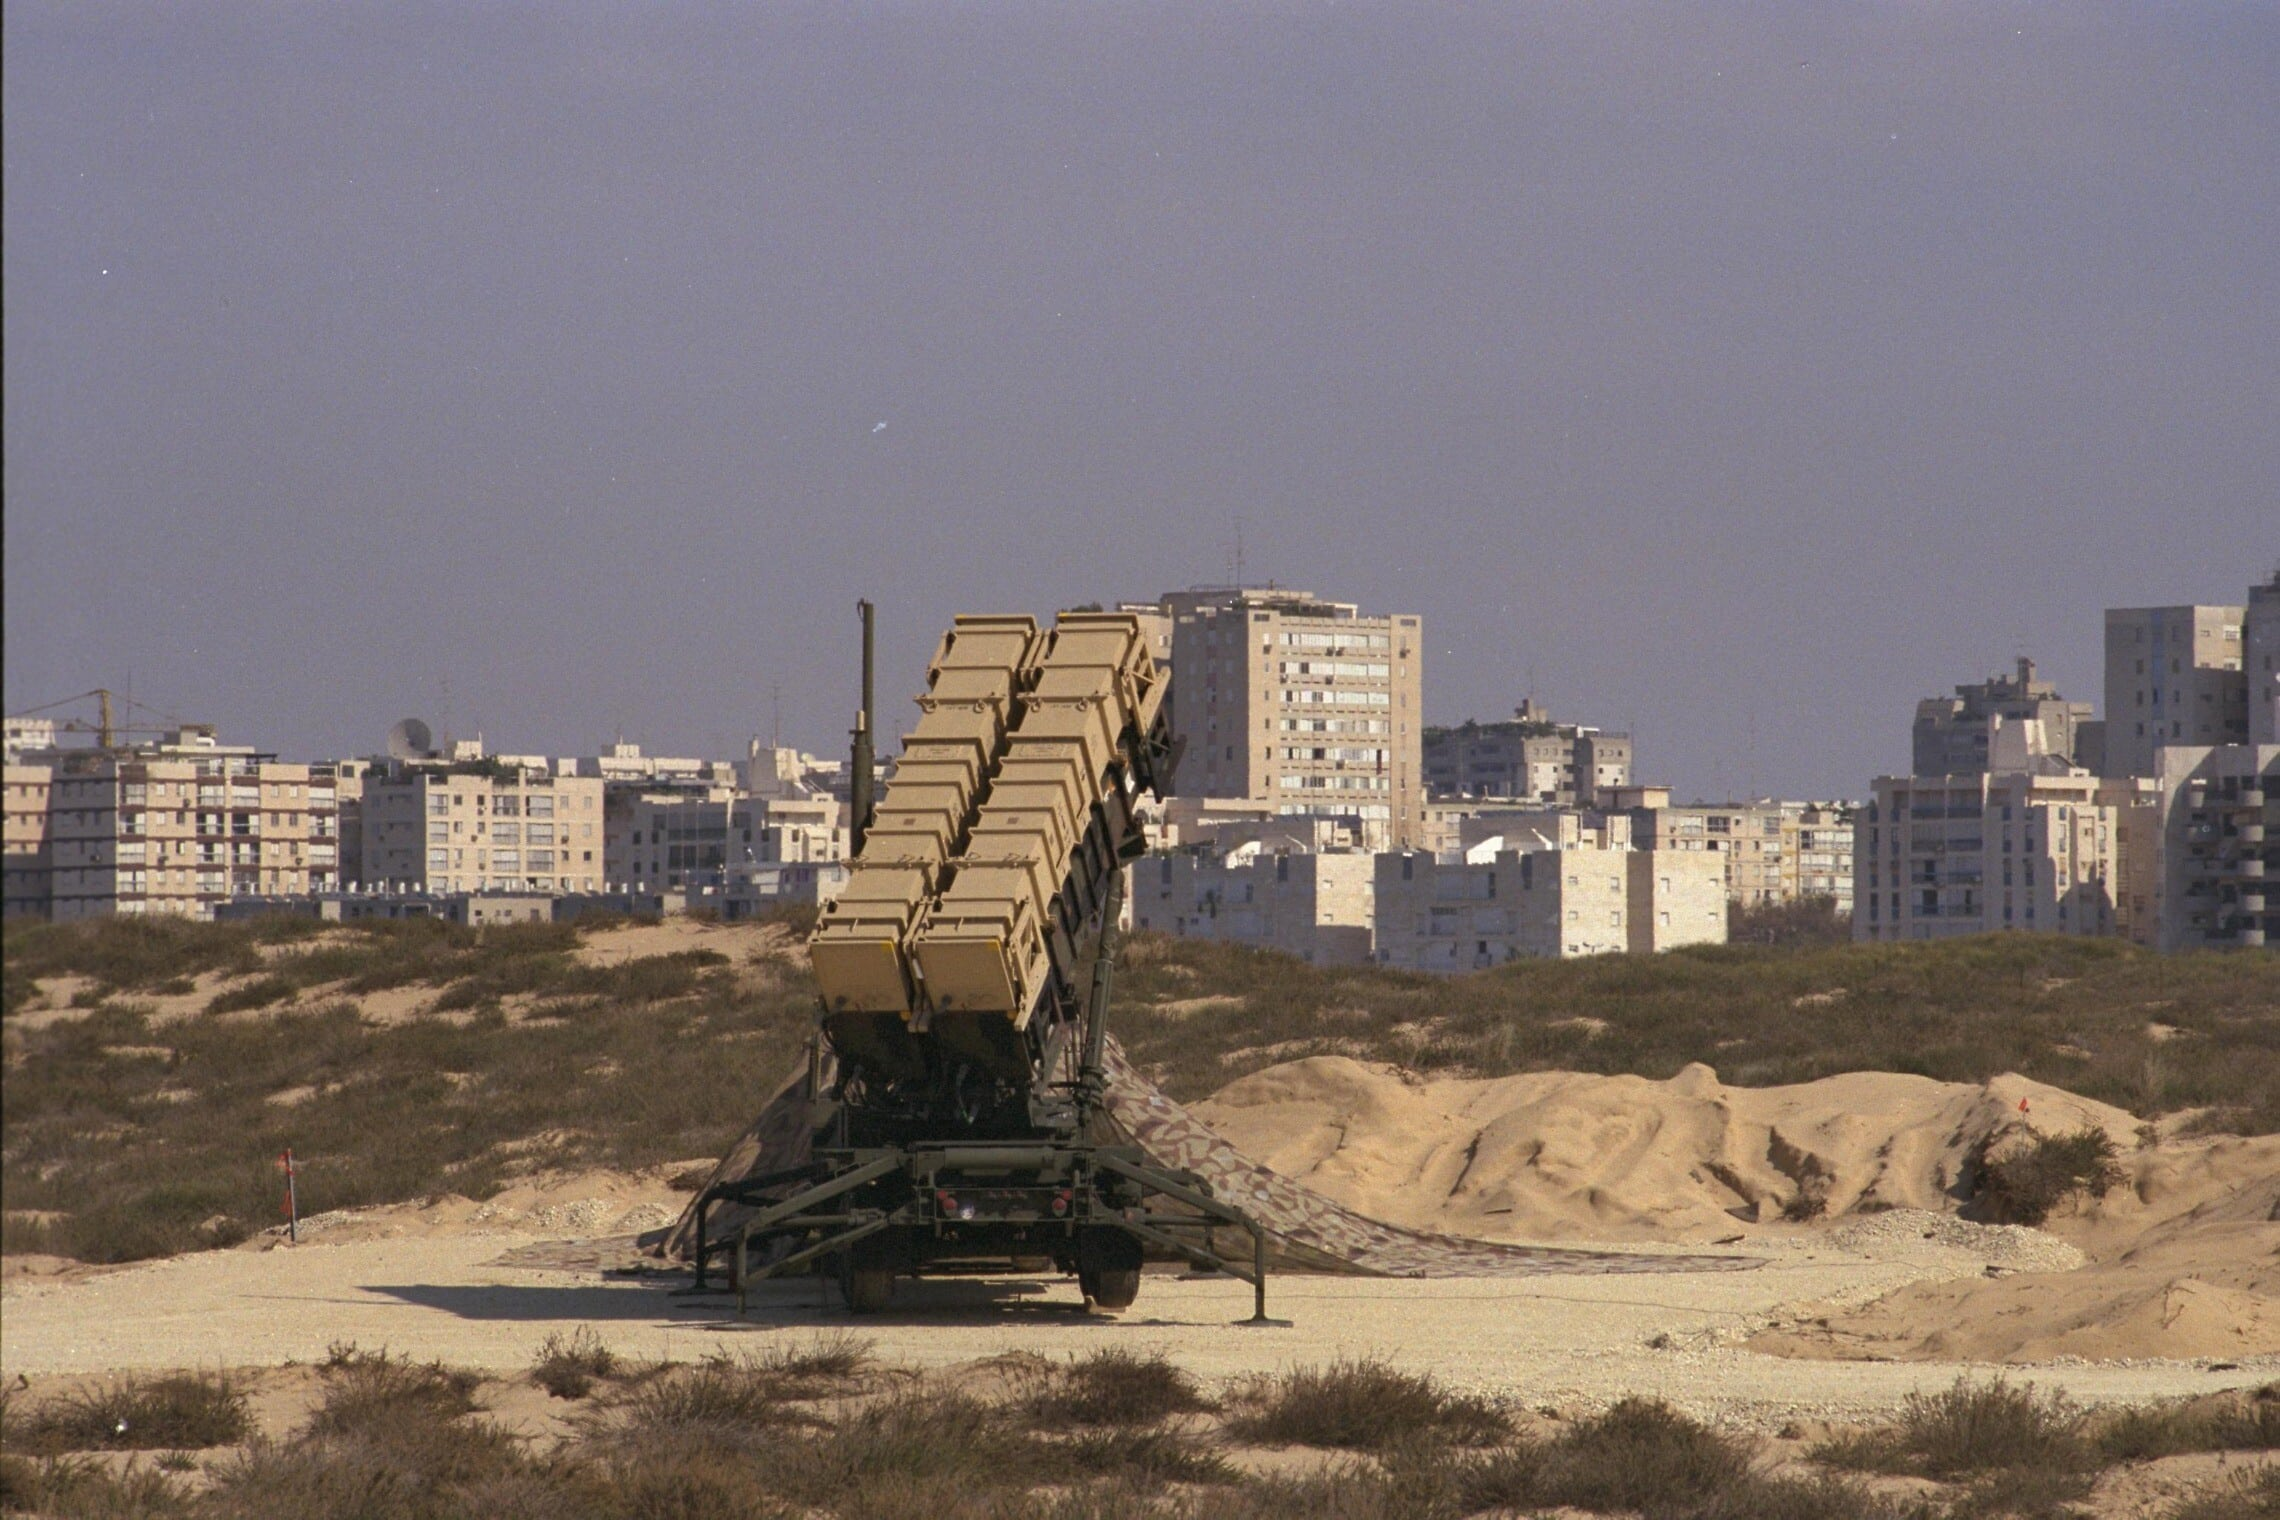 סוללת טילי פטריוט מוצבת סמוך לרמת אביב במלחמת המפרץ (צילום: נתן אלפרט/פלאש90)